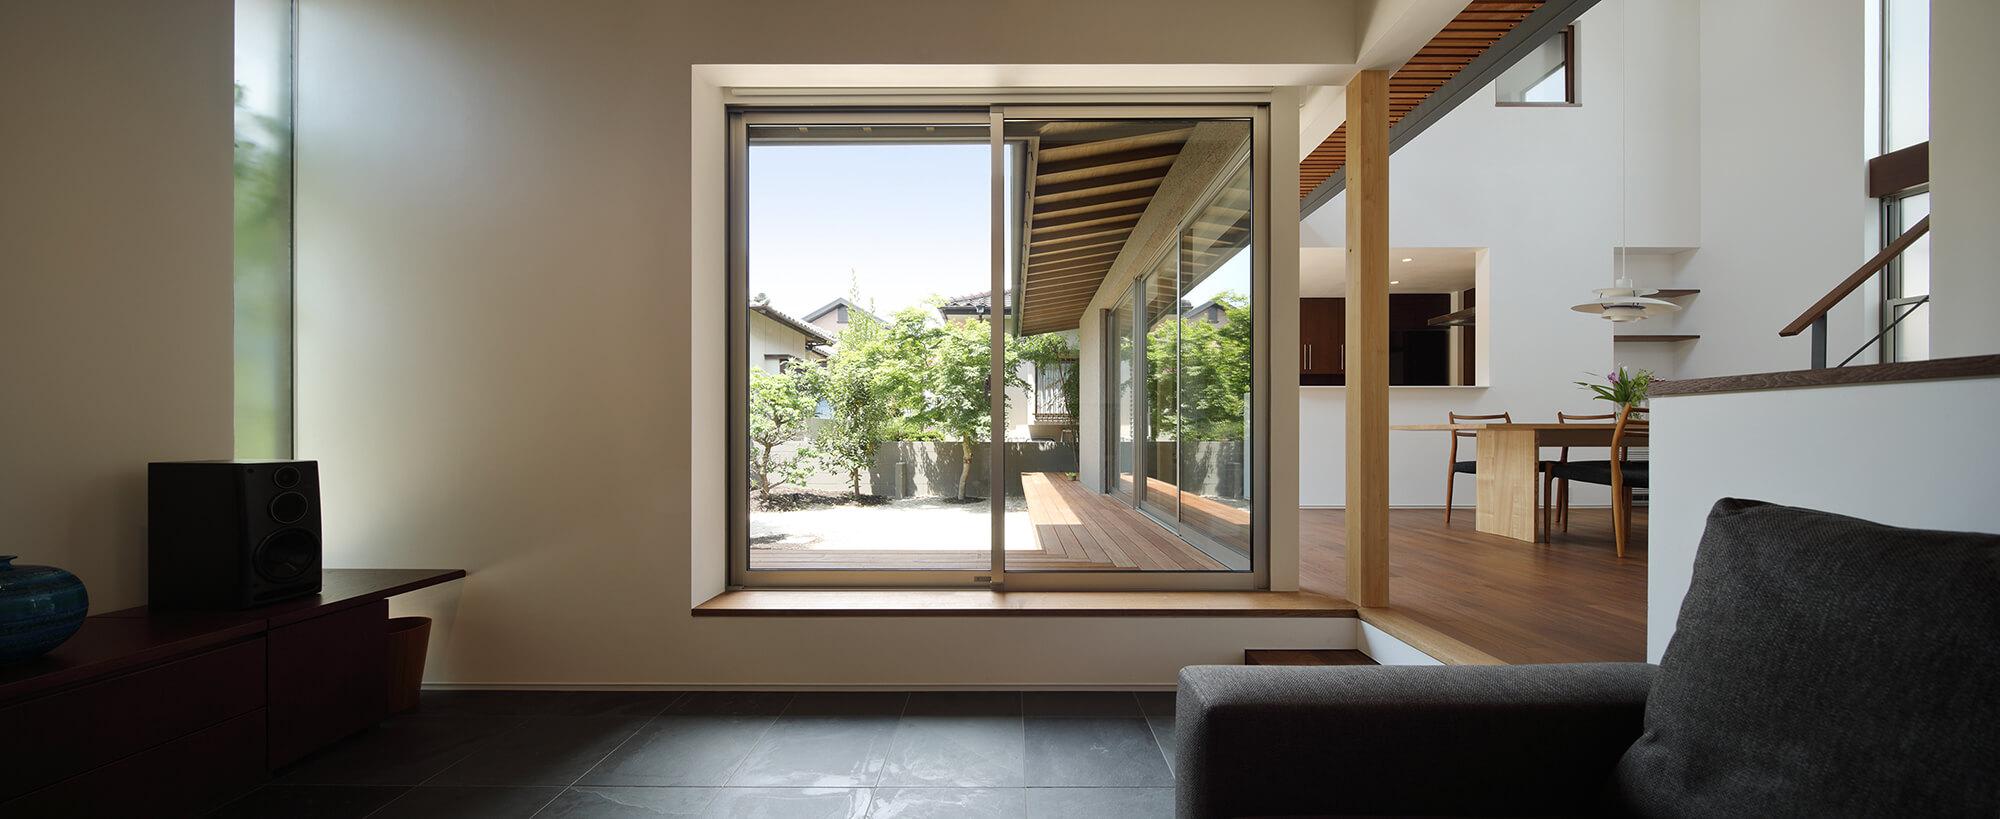 『福重の家』建築写真・竣工写真・インテリア写真12